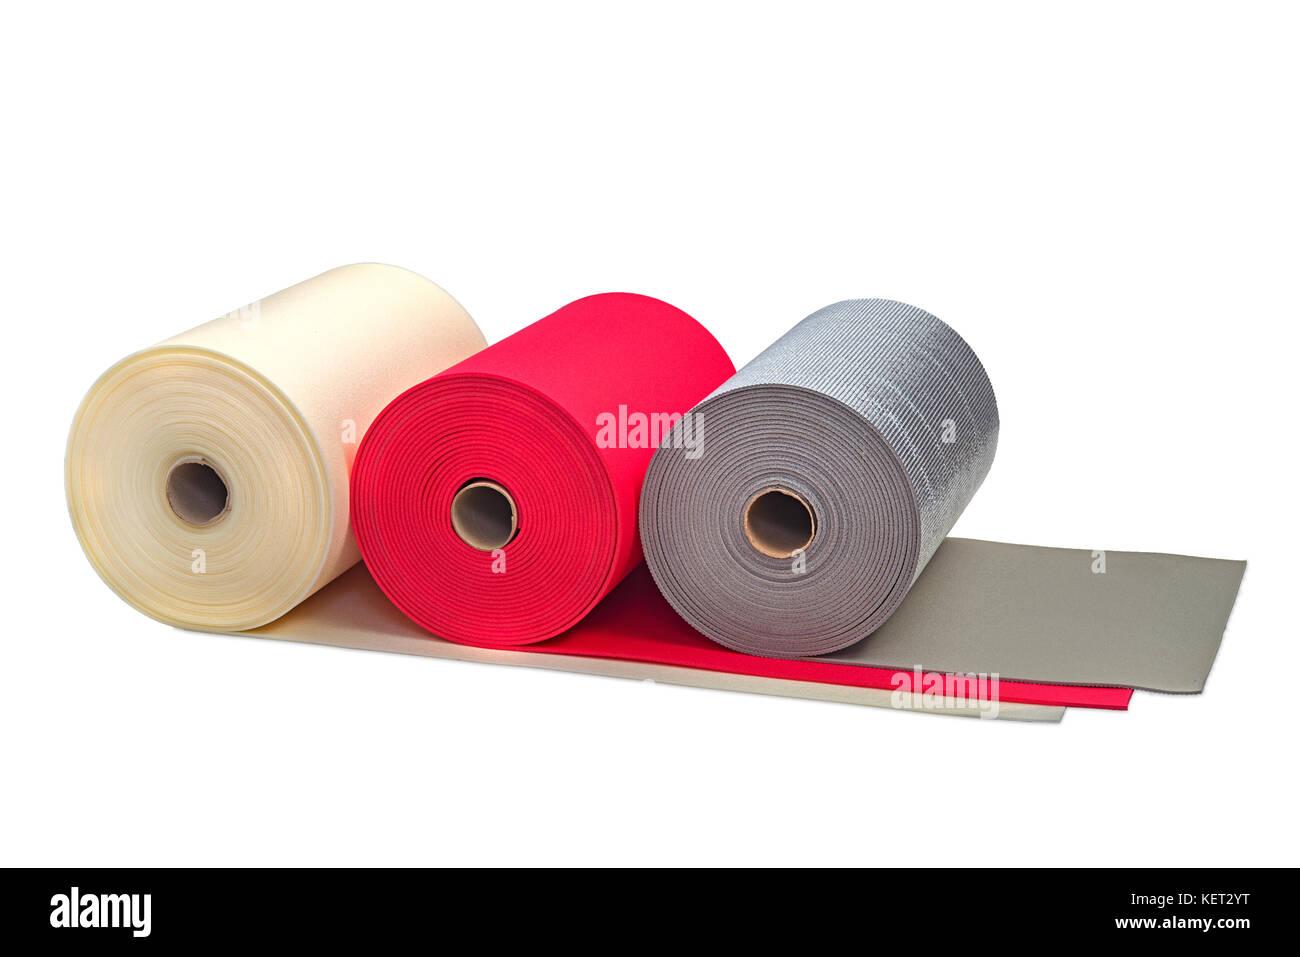 Rouleaux de Polyéthylène multi couleur mousse antichoc type de produit multi Banque D'Images